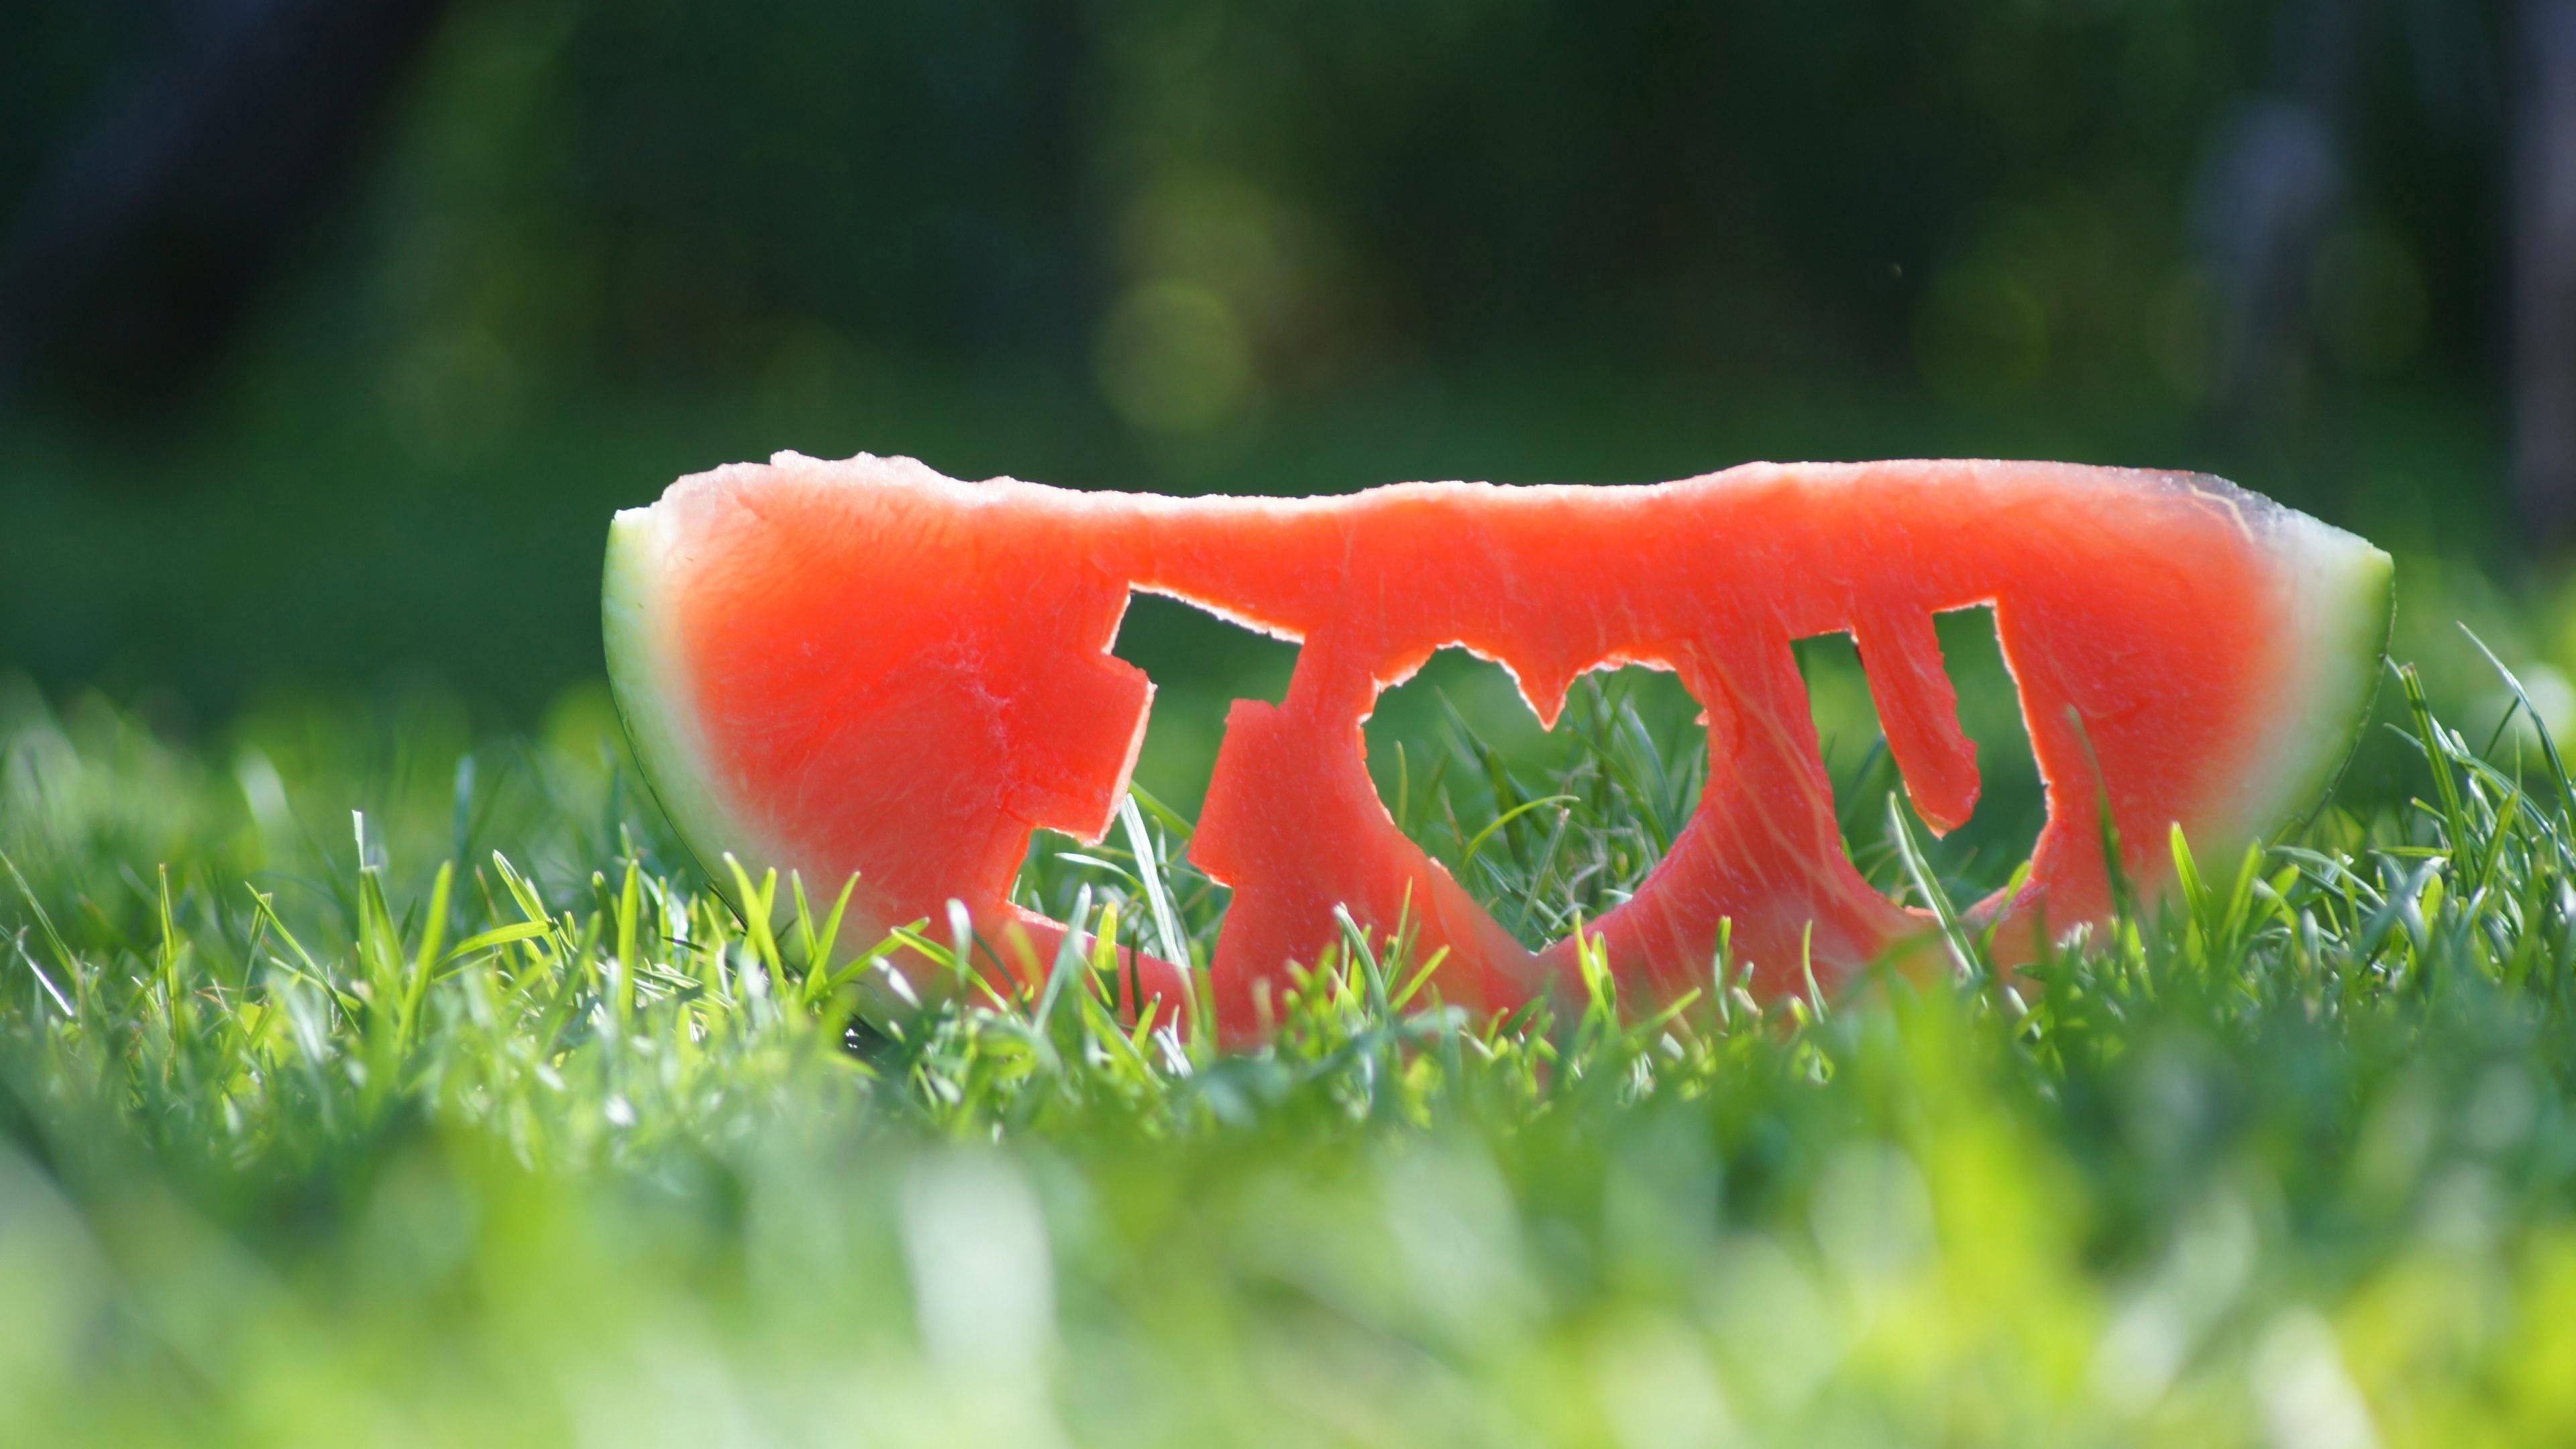 """Ломтик спелого арбуза с символами и знаками """"Я люблю тебя"""""""